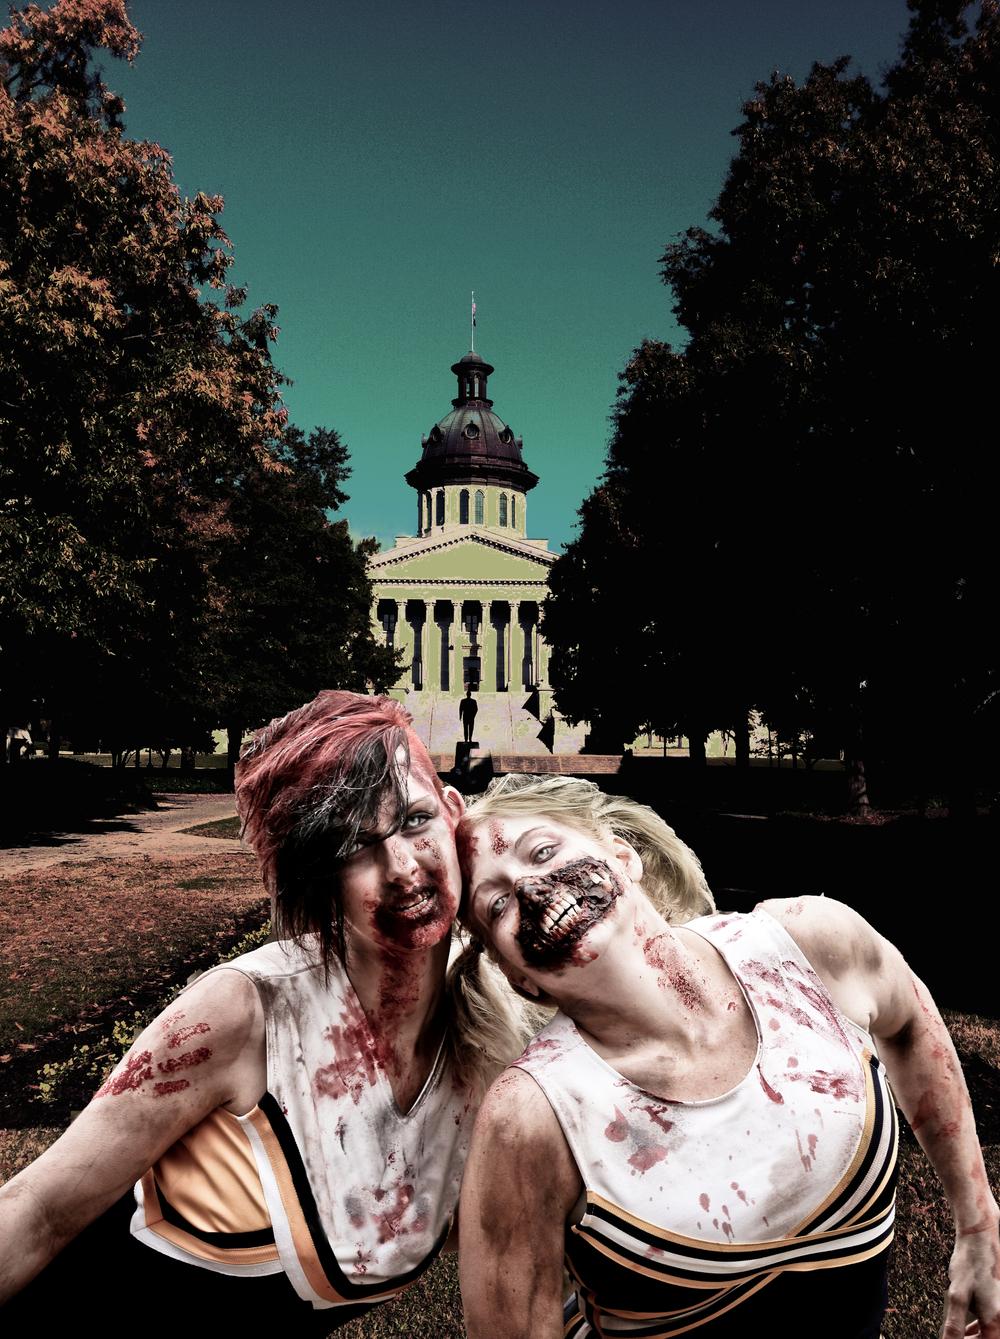 IMG_0352_2_zombies.JPG